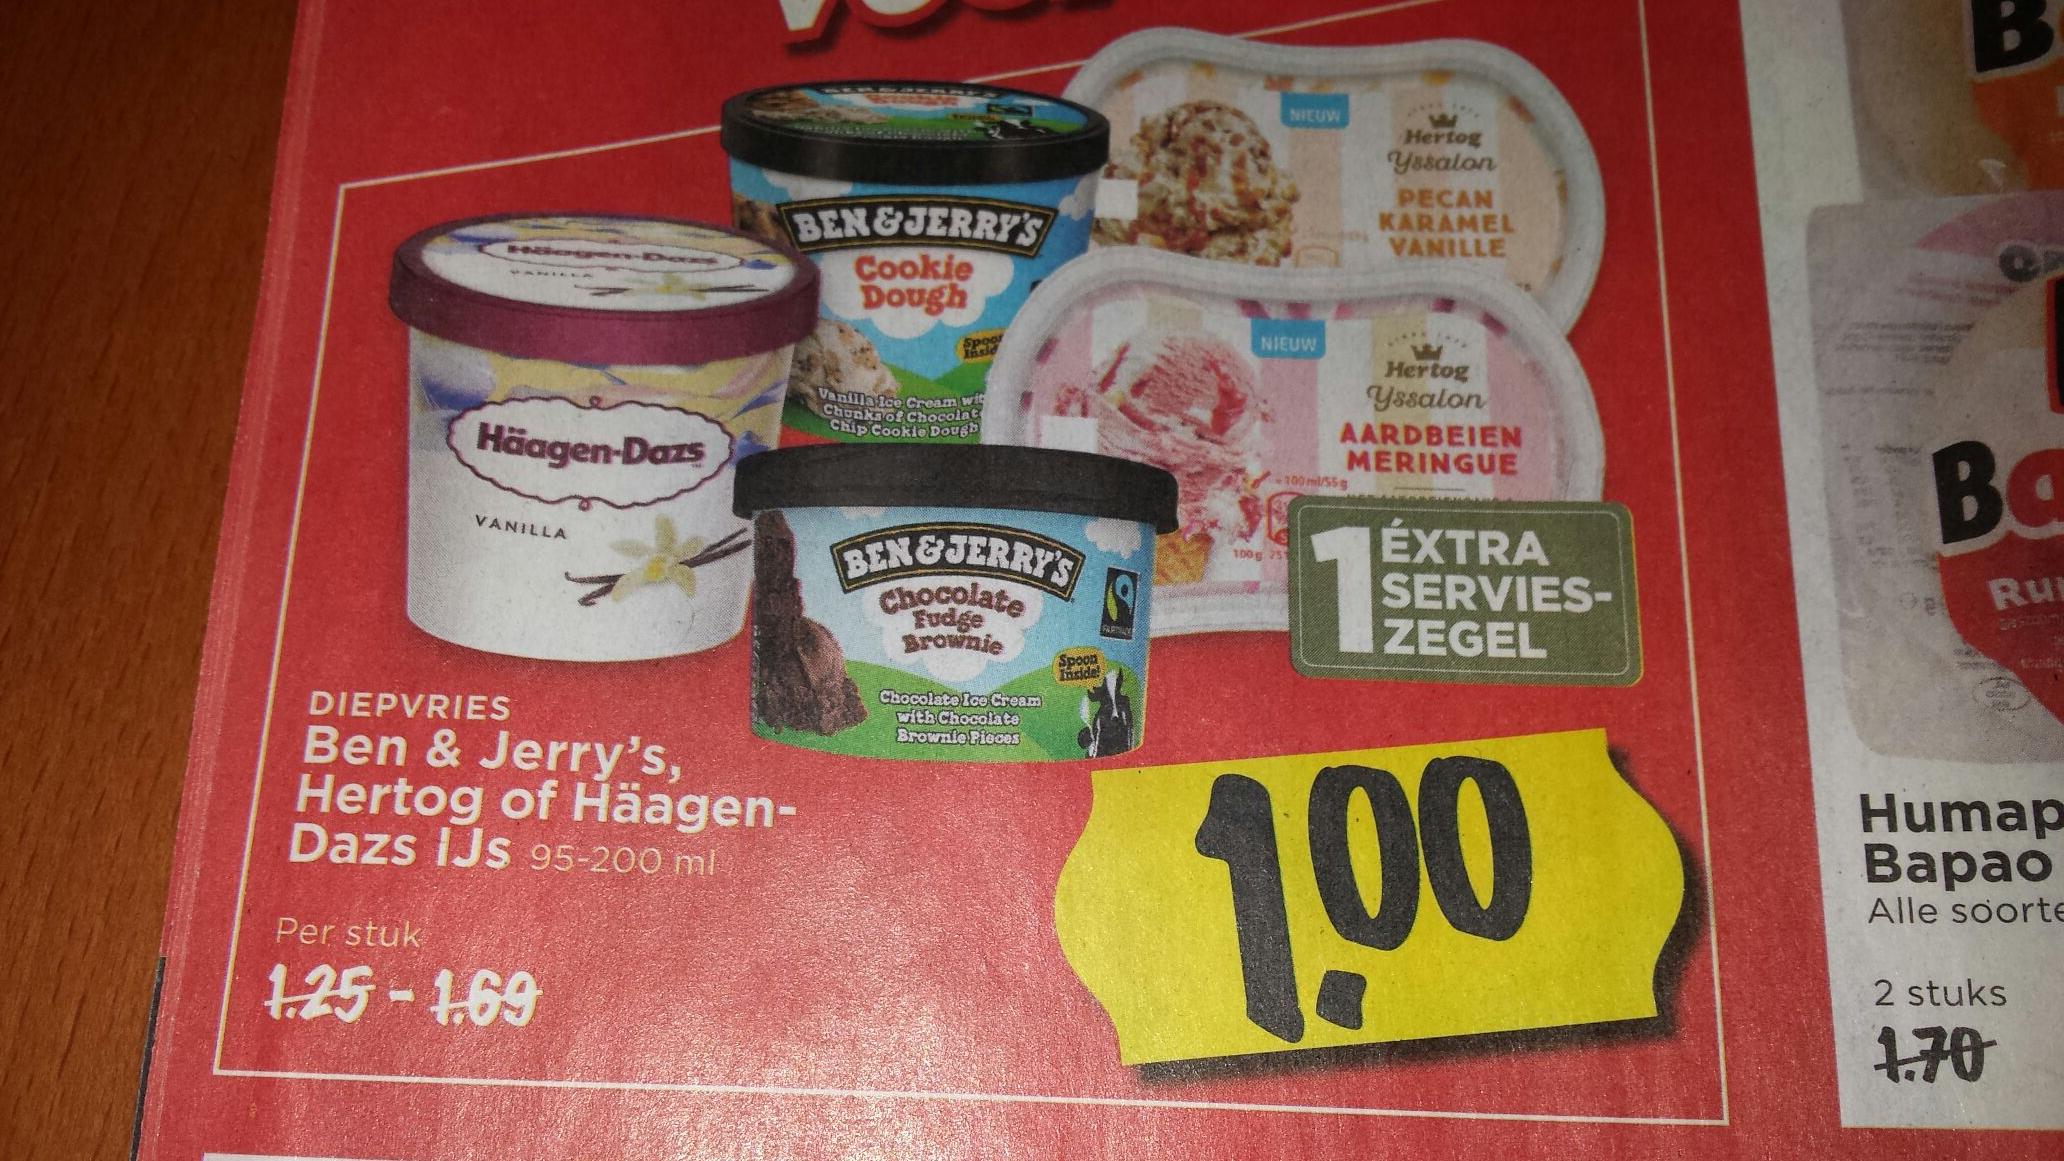 Ben & Jerry's, Hertog of Häagen-Daz ijs 95ml - 200 ml bij supermarkt Vomar van € 1,25 - € 1,69 voor € 1,- per stuk